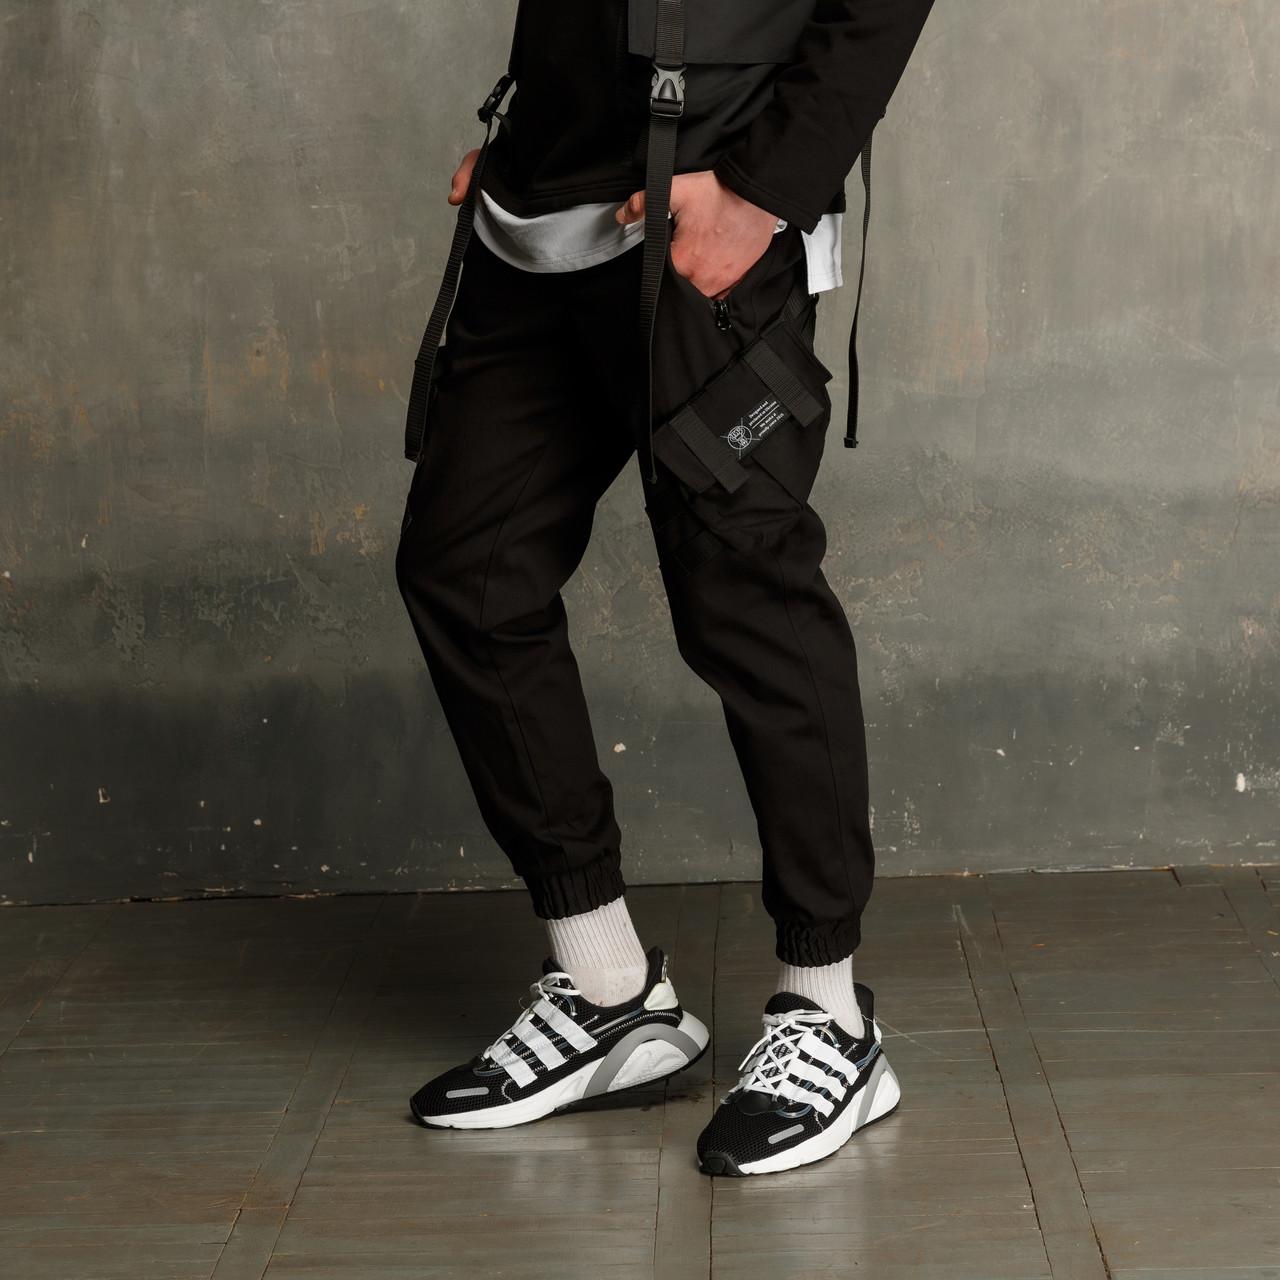 Штаны карго мужские черные бренд ТУР модель Вейдер (Vader)